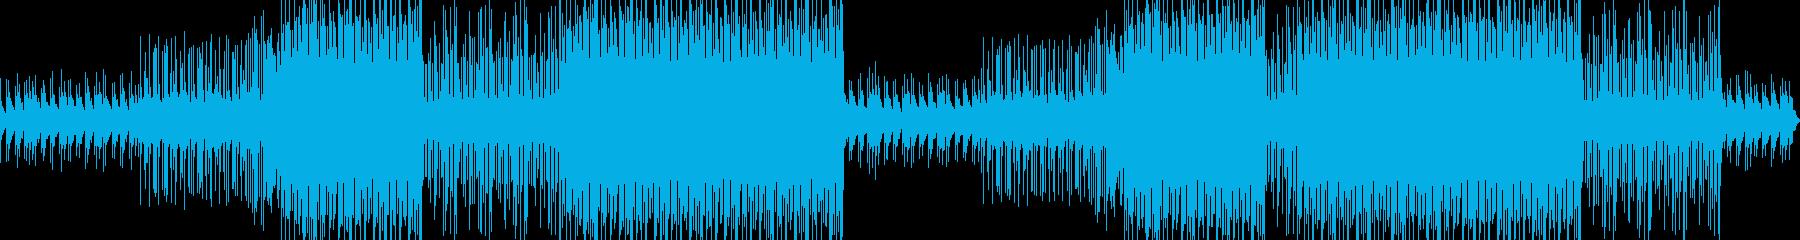 バブリー感とヒップホップの融合の再生済みの波形